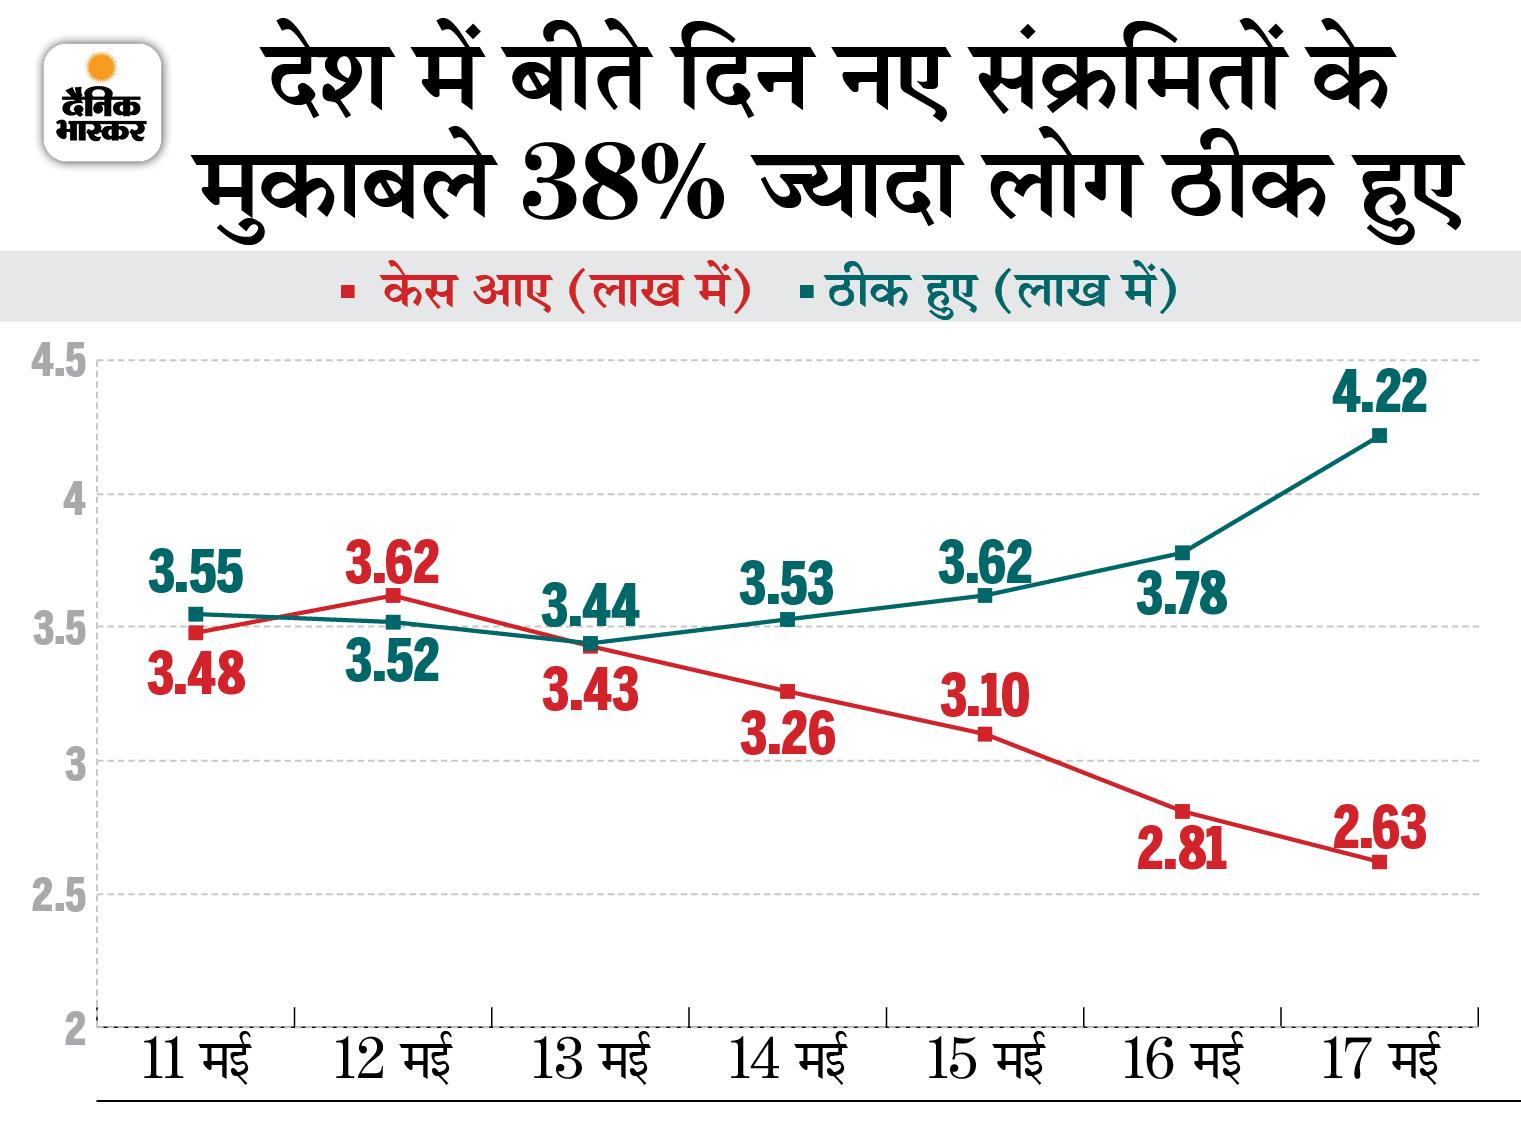 पूनावाला बोले- भारत बड़ी आबादी वाला देश, यहां 2-3 महीने में सभी को वैक्सीन नहीं लगा सकते|देश,National - Dainik Bhaskar